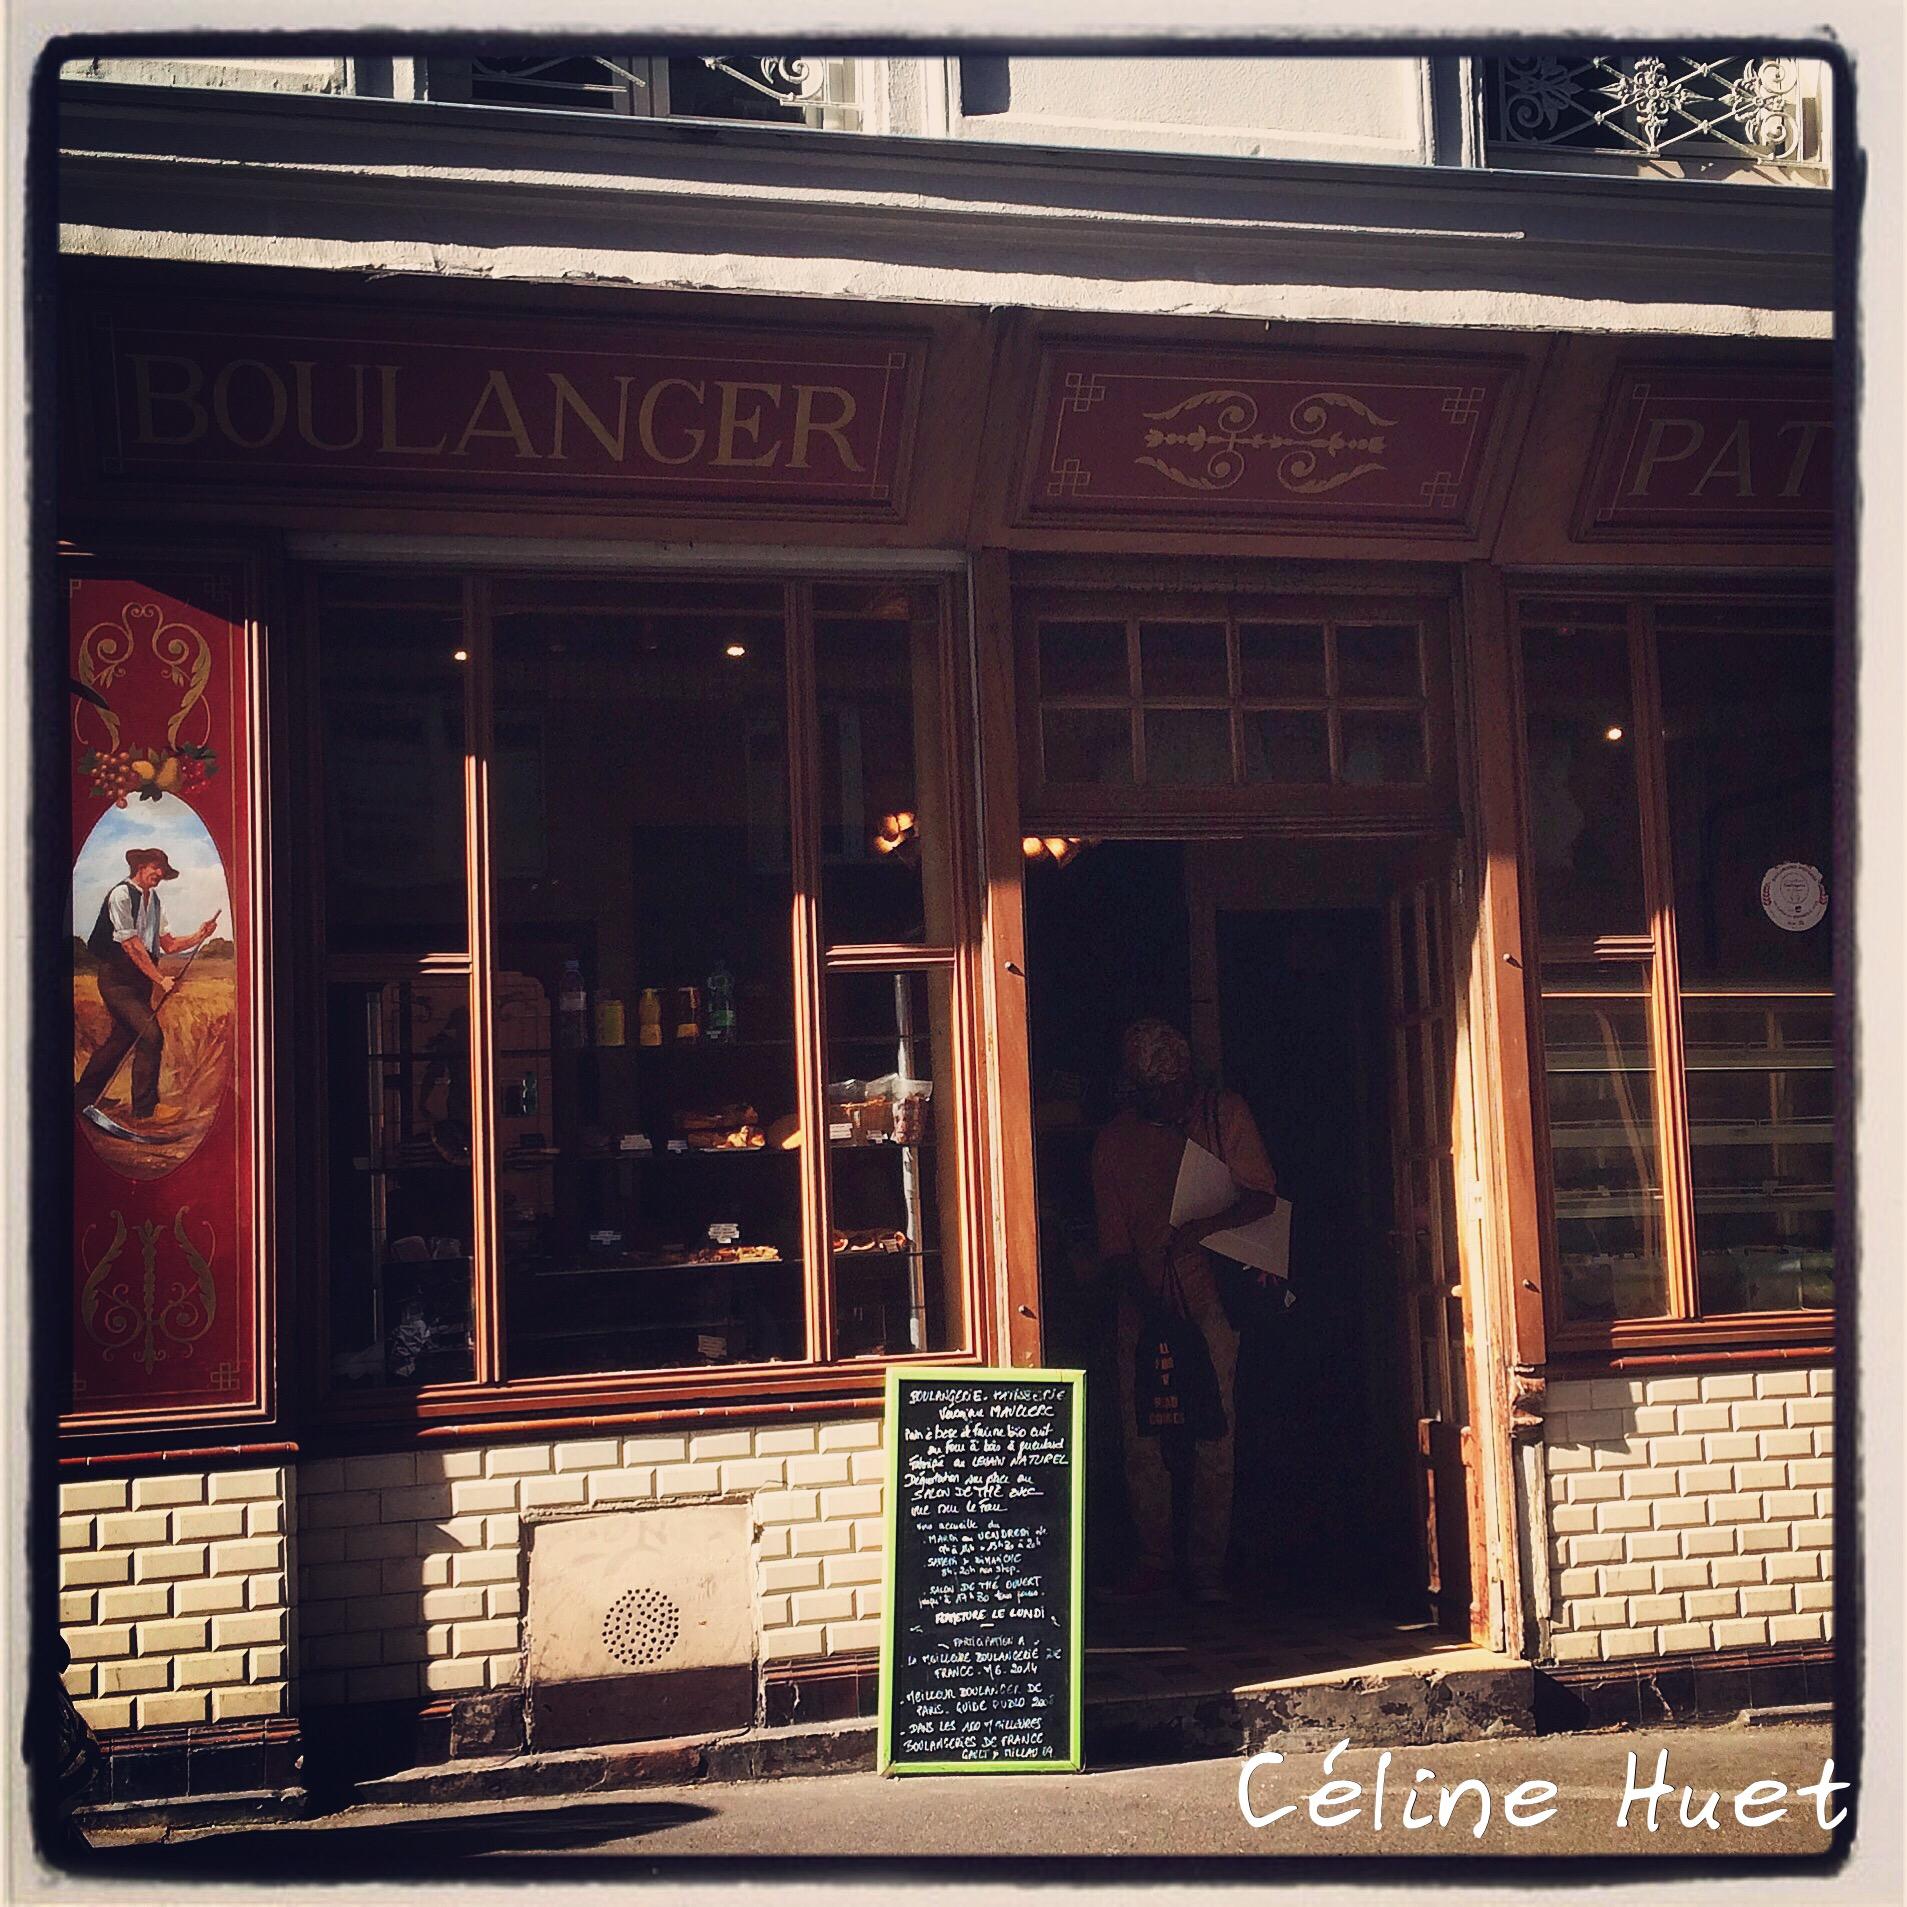 Boulanger Pâtissier rue de Crimée Paris